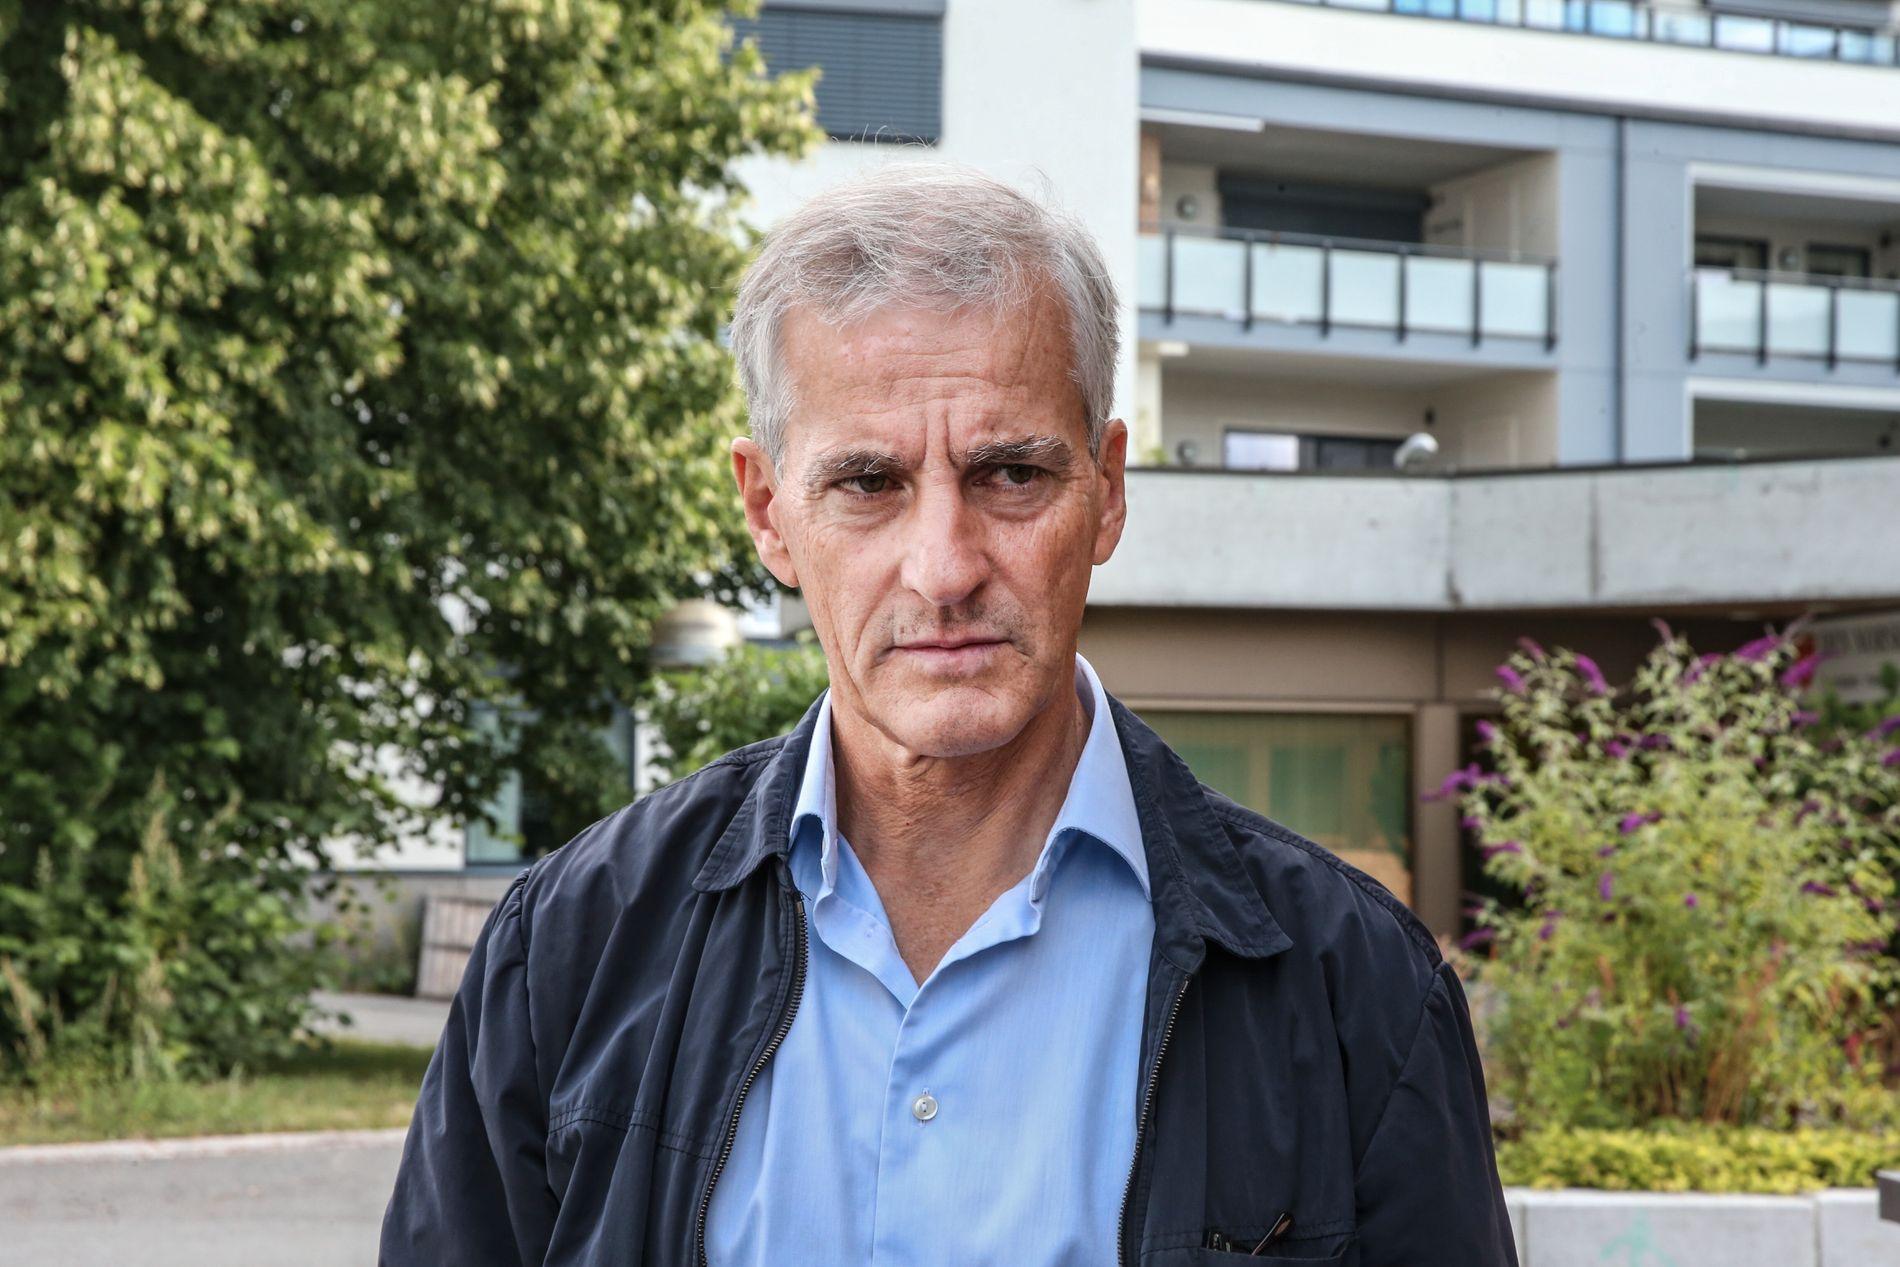 SNUDDE: Ap-leder Jonas Gahr Støre hevder det er Regjeringens dårlige oppfølging av politireformen som har gjort det nødvendig for Ap å trekke støtten.